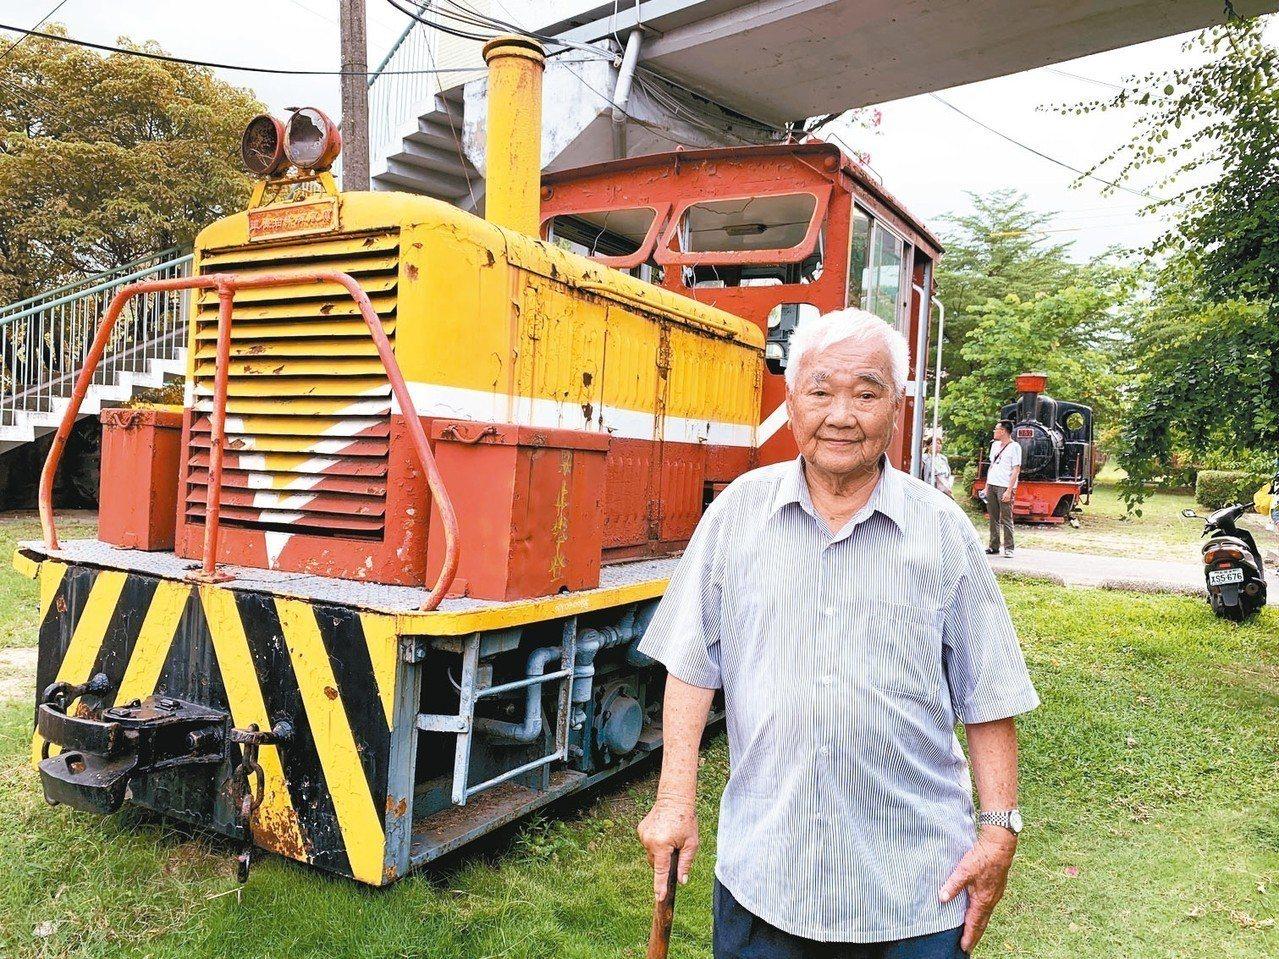 92歲糖鐵司機陳景春昨出席慶生活動。 記者吳淑玲/攝影